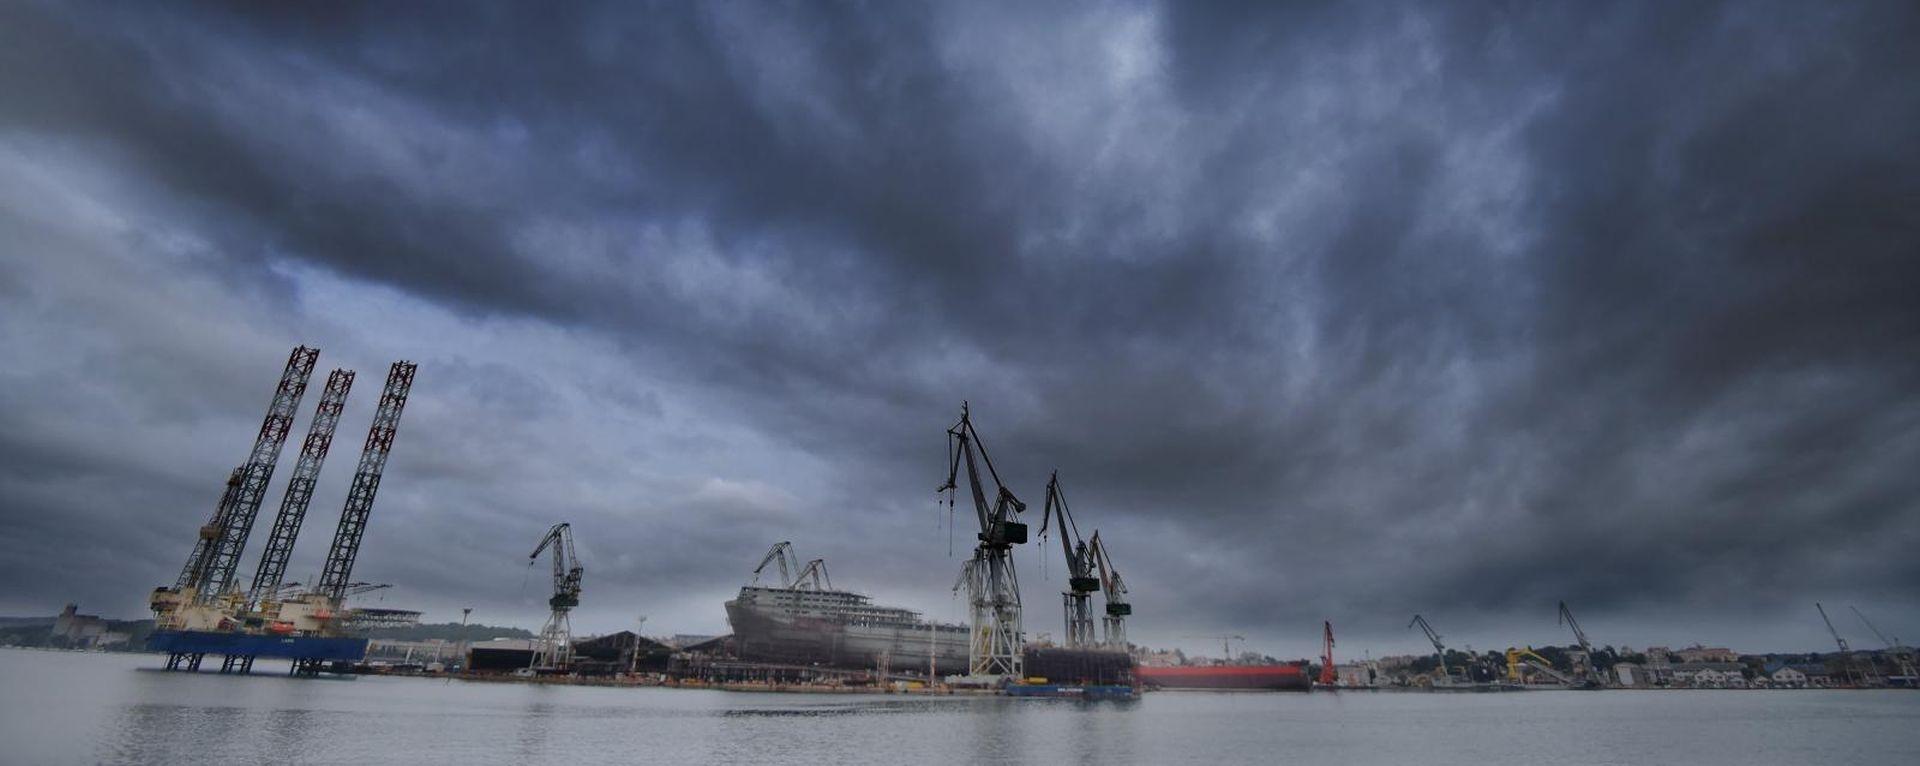 Domino-efekt gospodarstva ako propadnu brodogradilišta